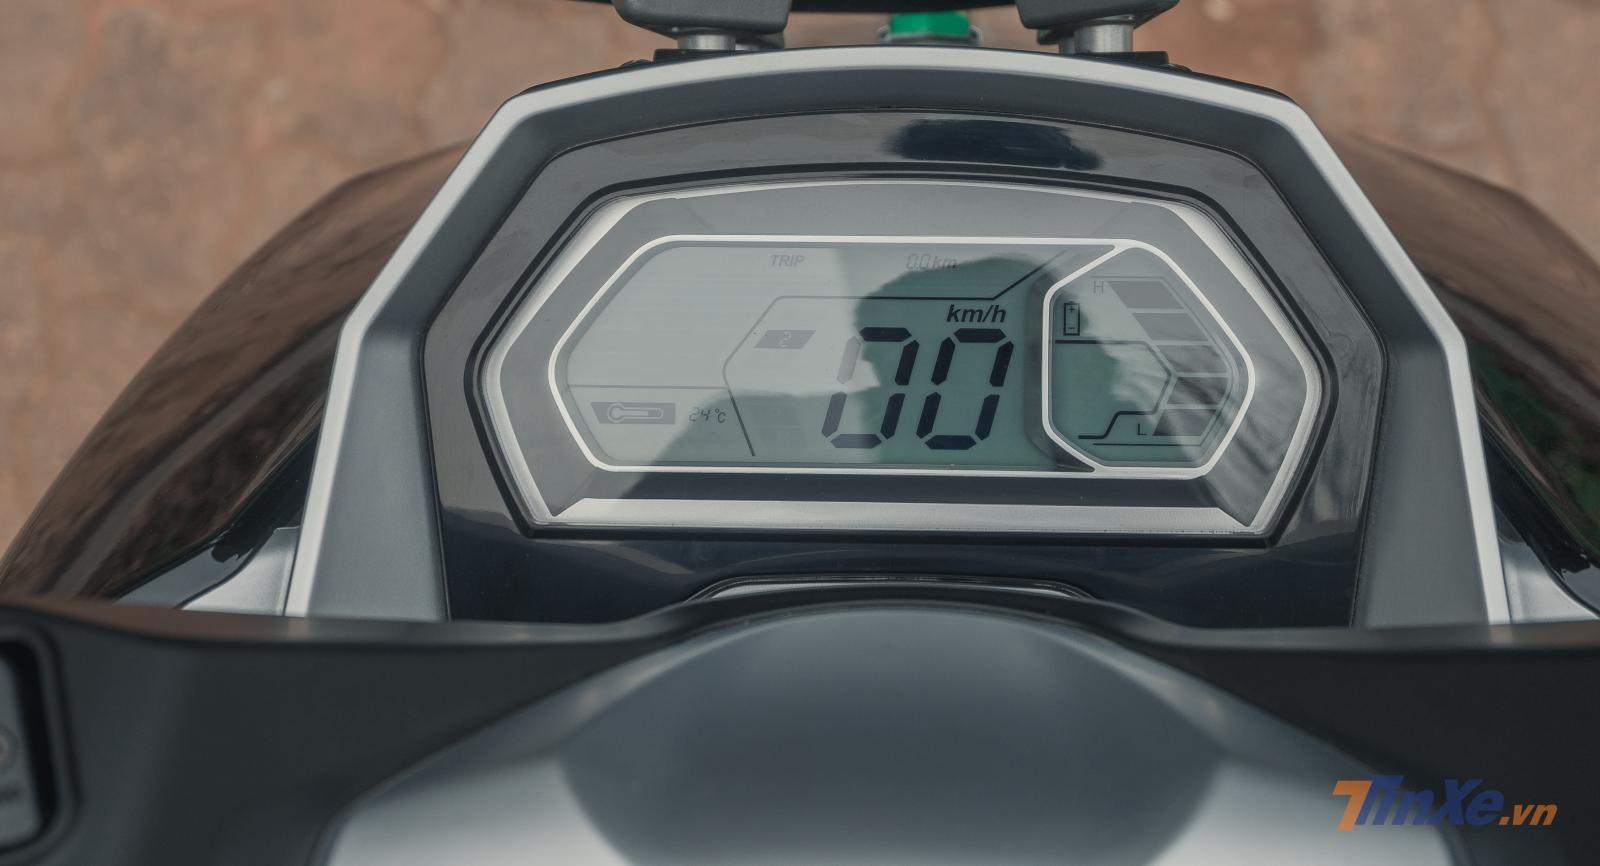 Đánh giá xe máy điện Pega NewTech